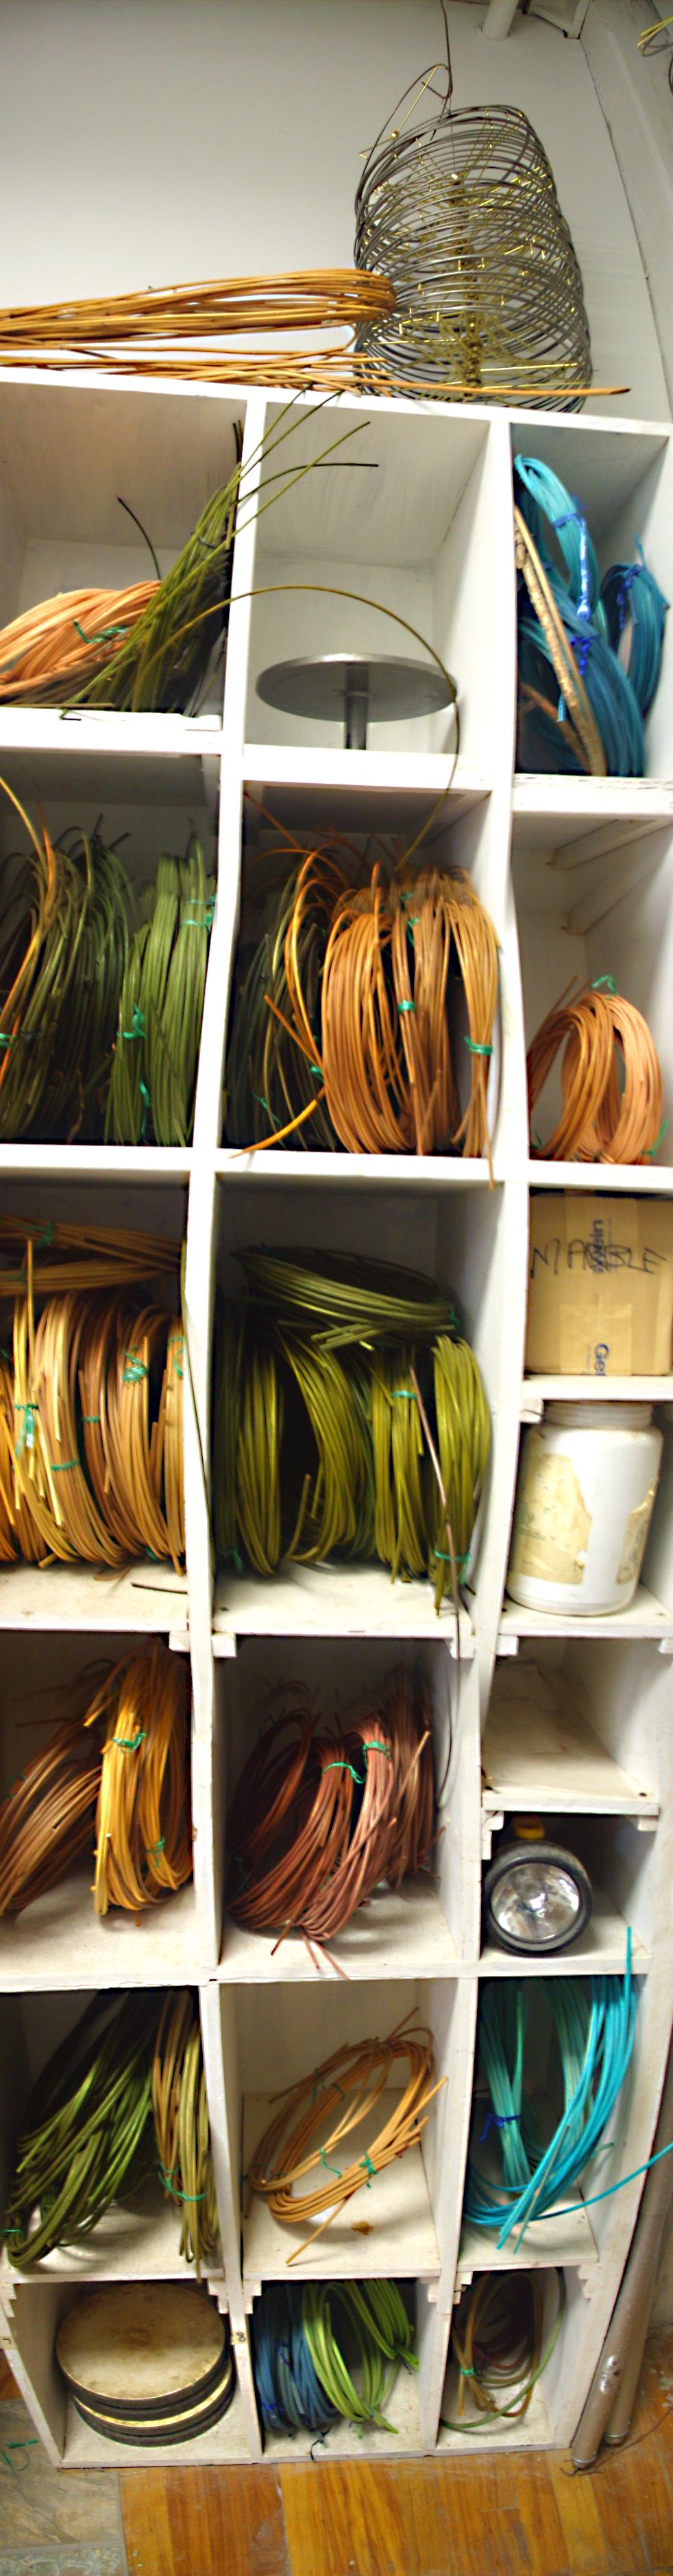 Dyed Reed_GEDC1129.jpg